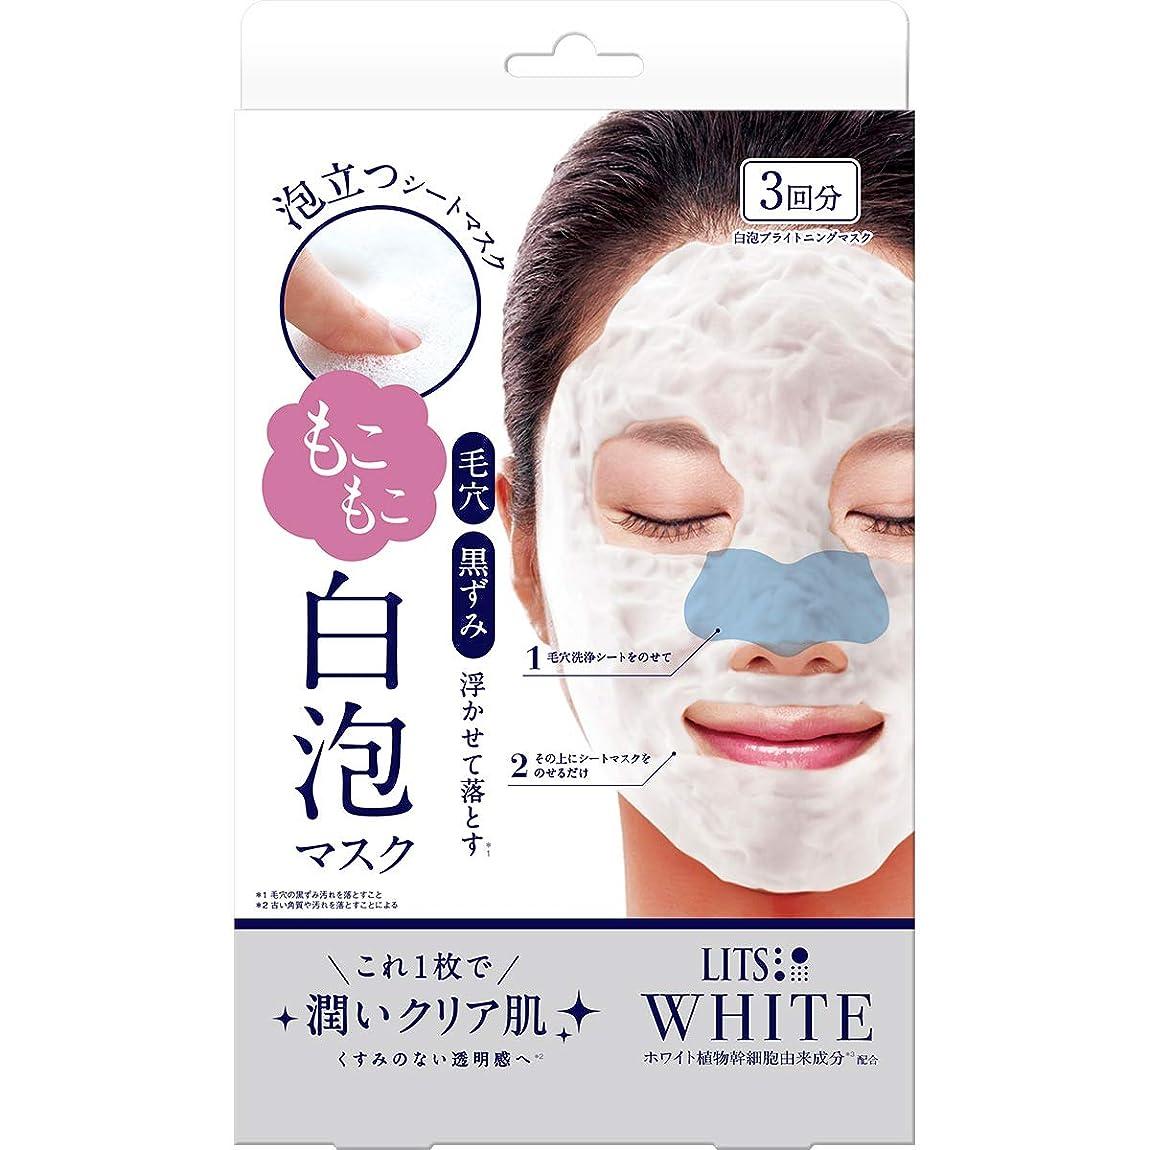 百取り戻す未満リッツ ホワイト もこもこ白泡マスク 3枚